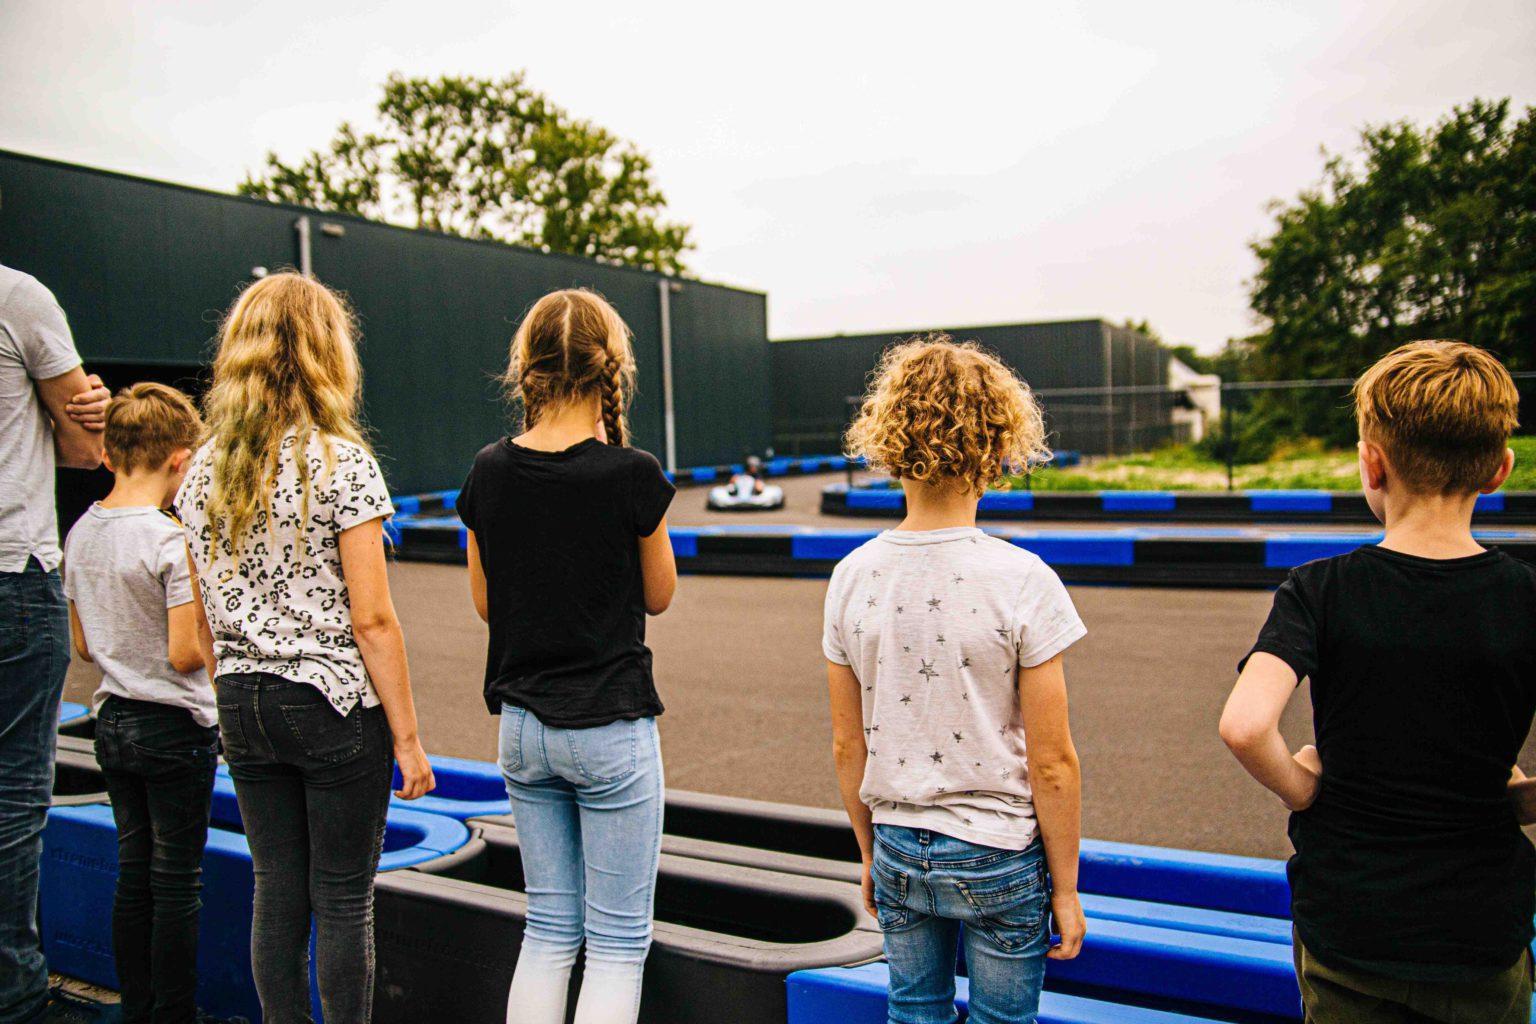 Kinderen kijken buiten naar de kartbaan van ZERO55 Apeldoorn